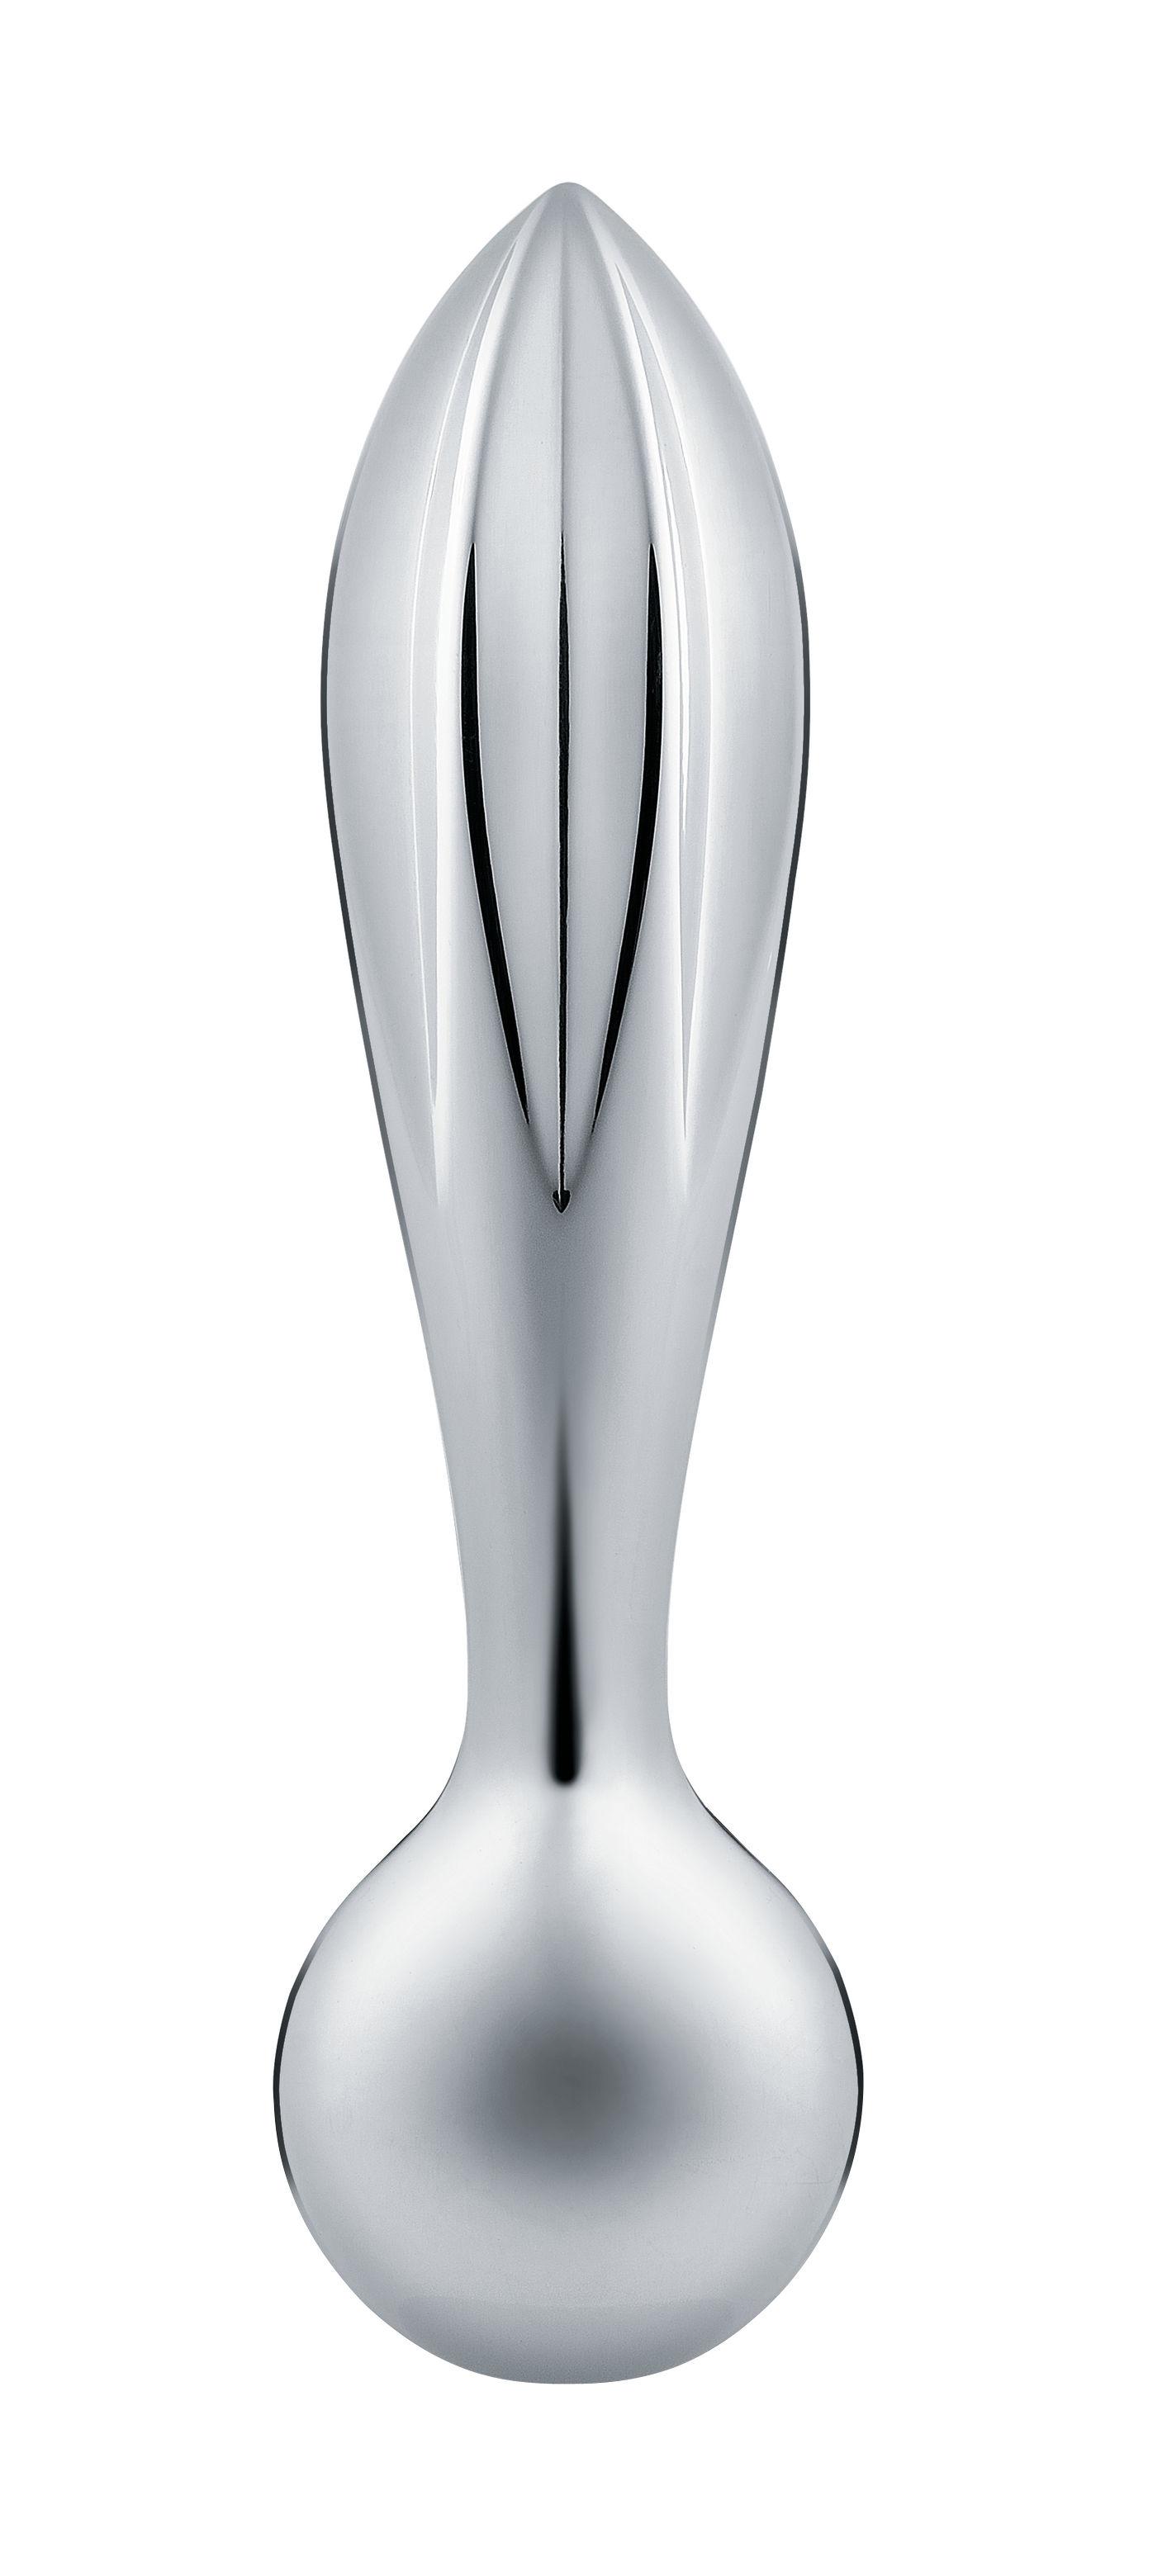 Küche - Küchenutensilien - Valerio Zitronenpresse / Stößel - H 17 cm - Alessi - Stahl - Acier inoxydable 18/10